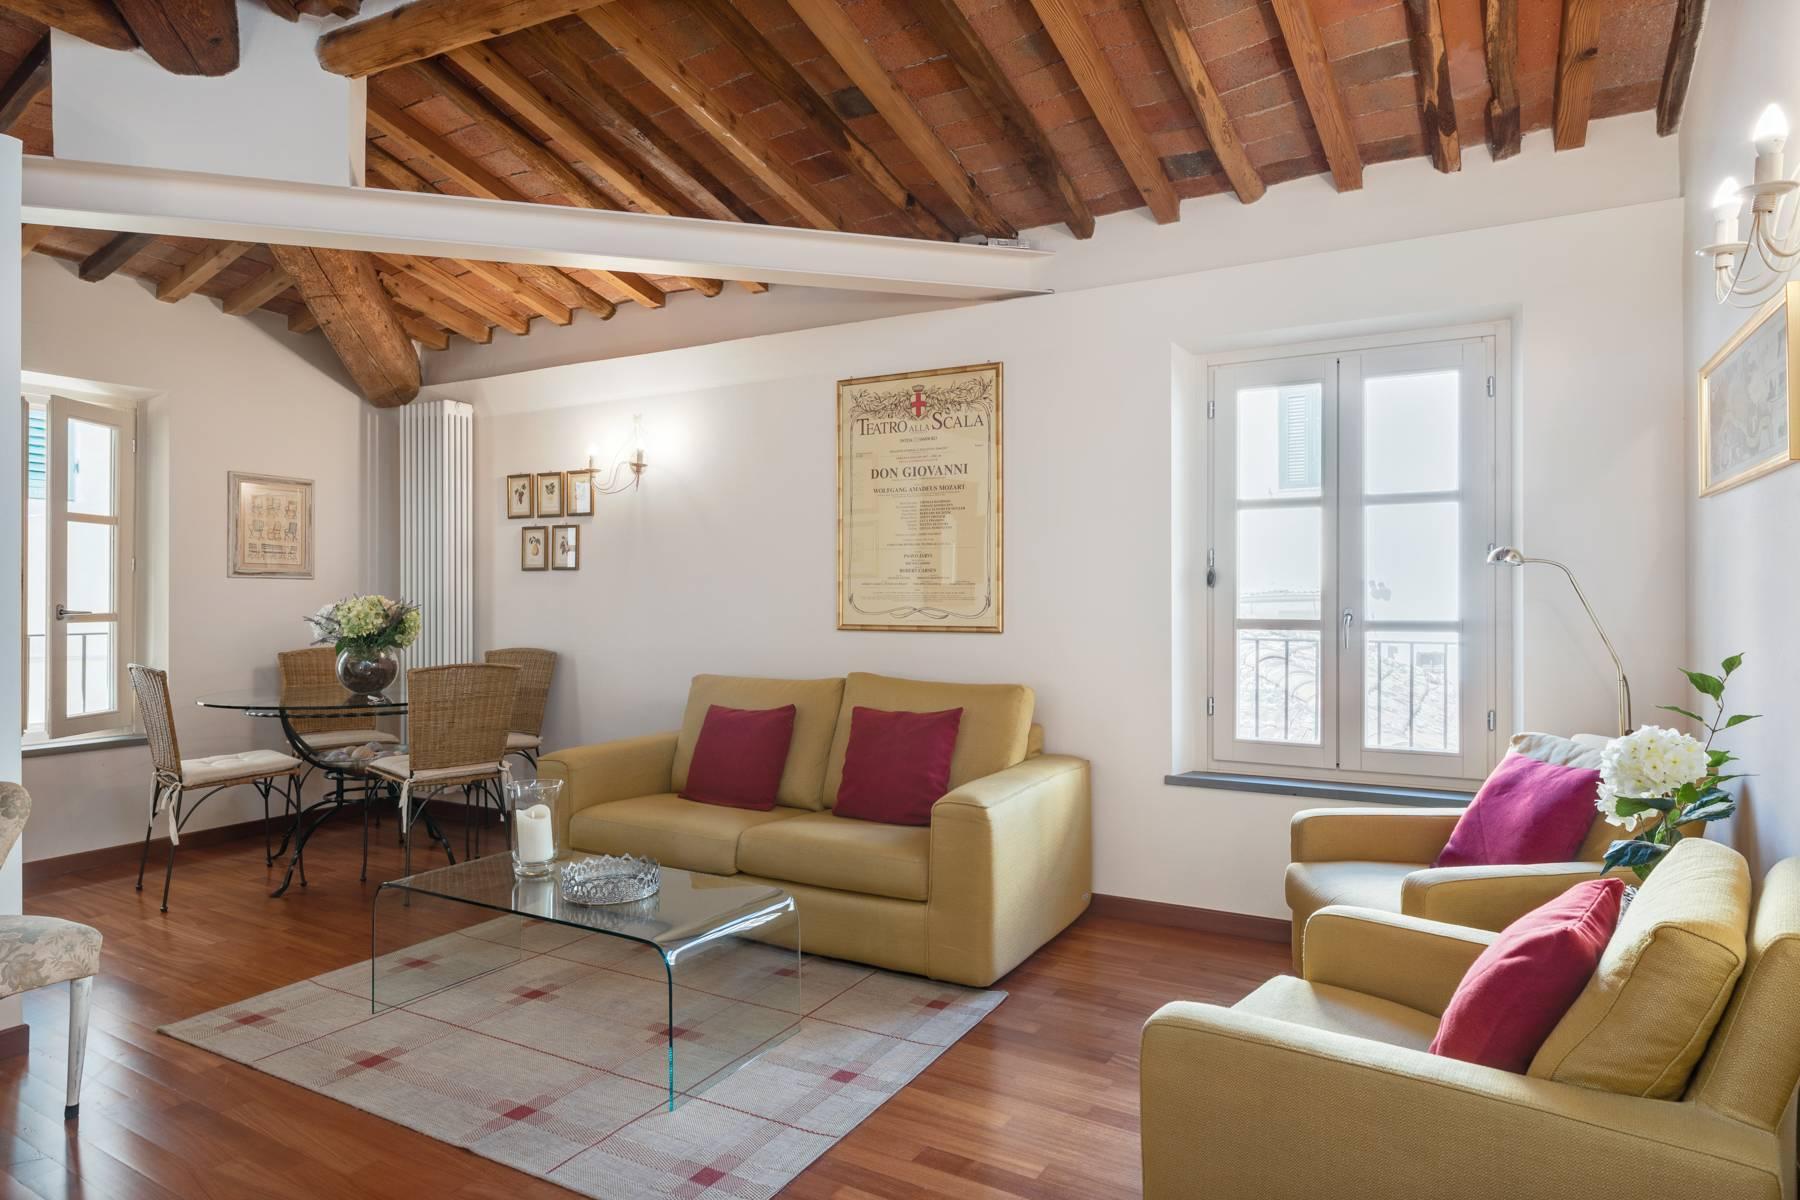 Grazioso appartamento indipendente nel cuore di Lucca - 3